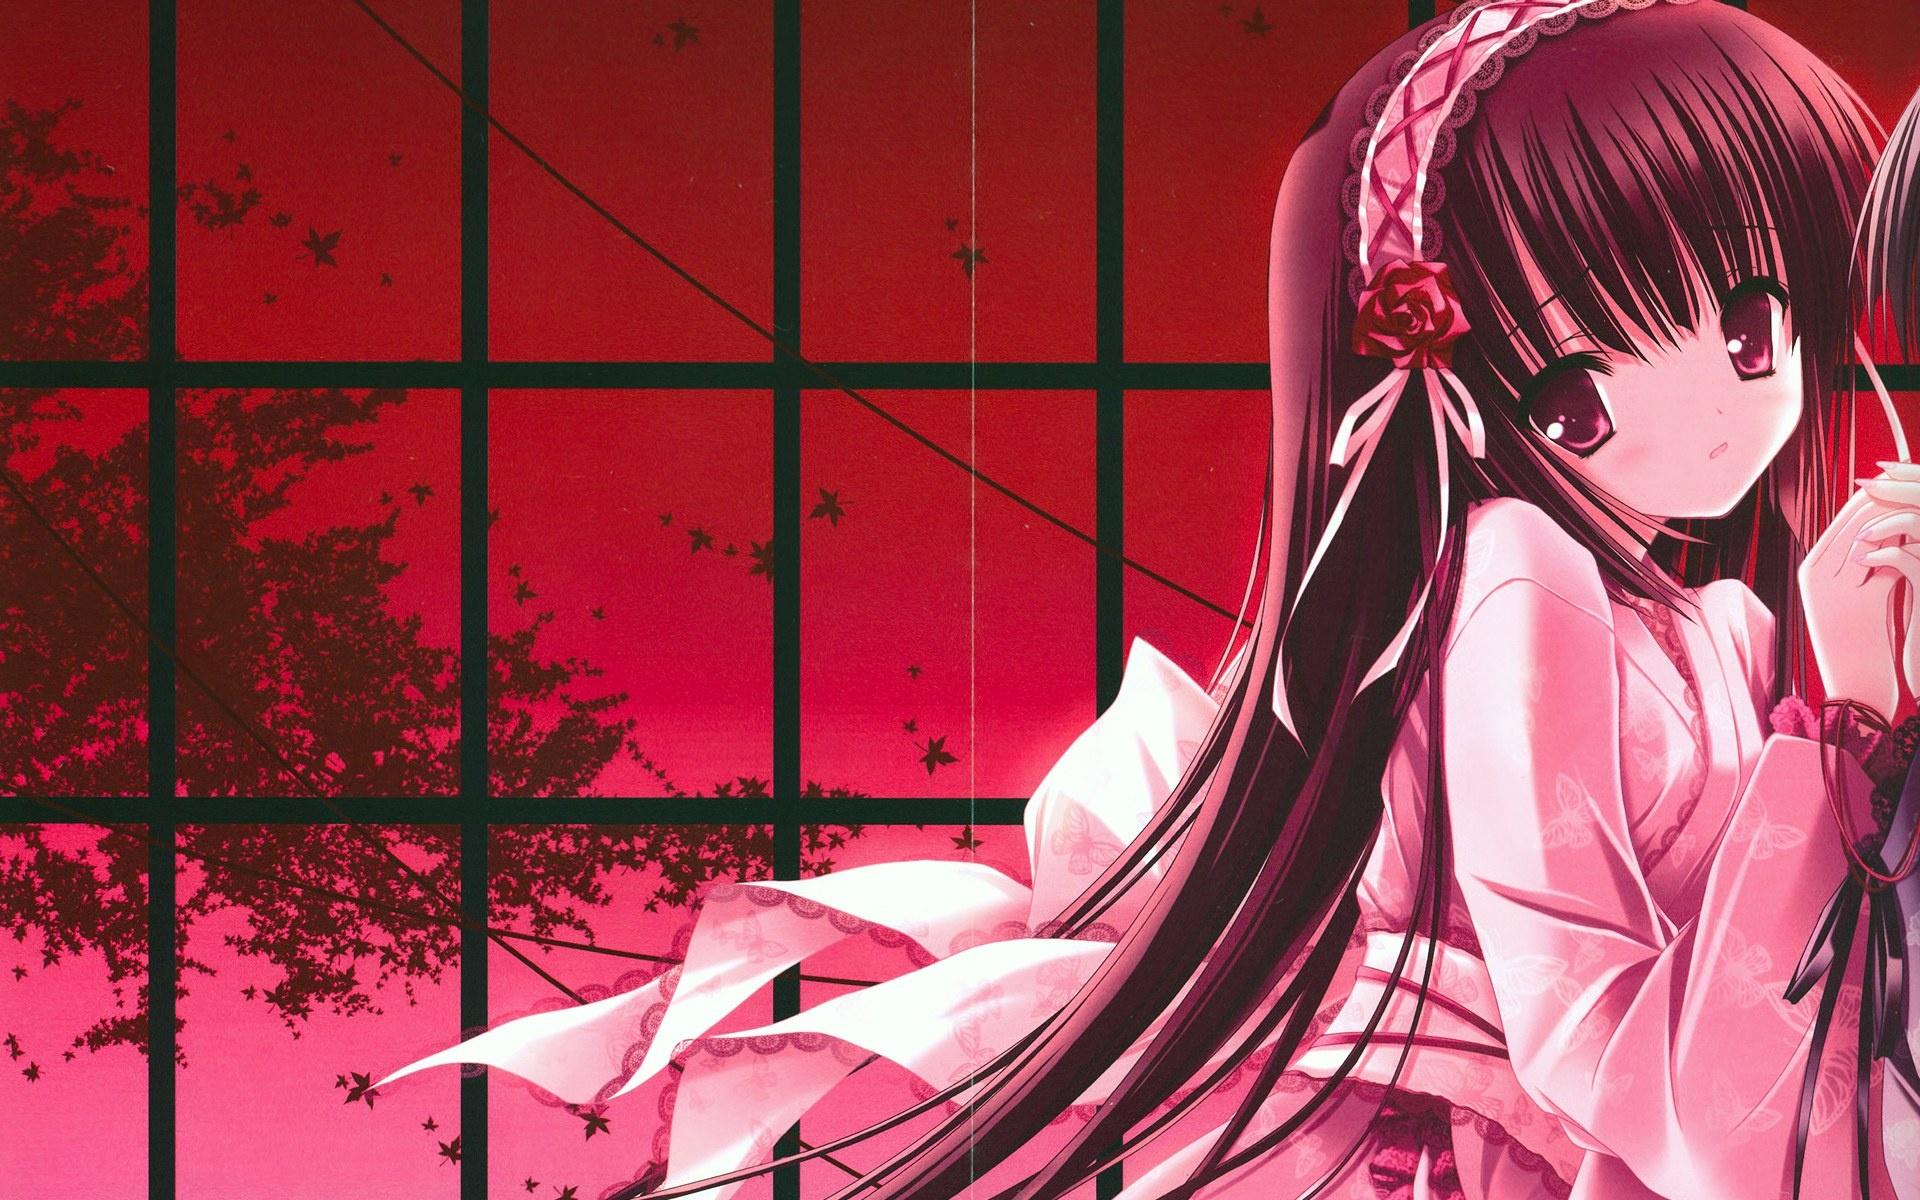 ダウンロード壁紙 1920x1200 アニメの女の子は、彼女の恋人を見逃す HDのデスクトップの背景